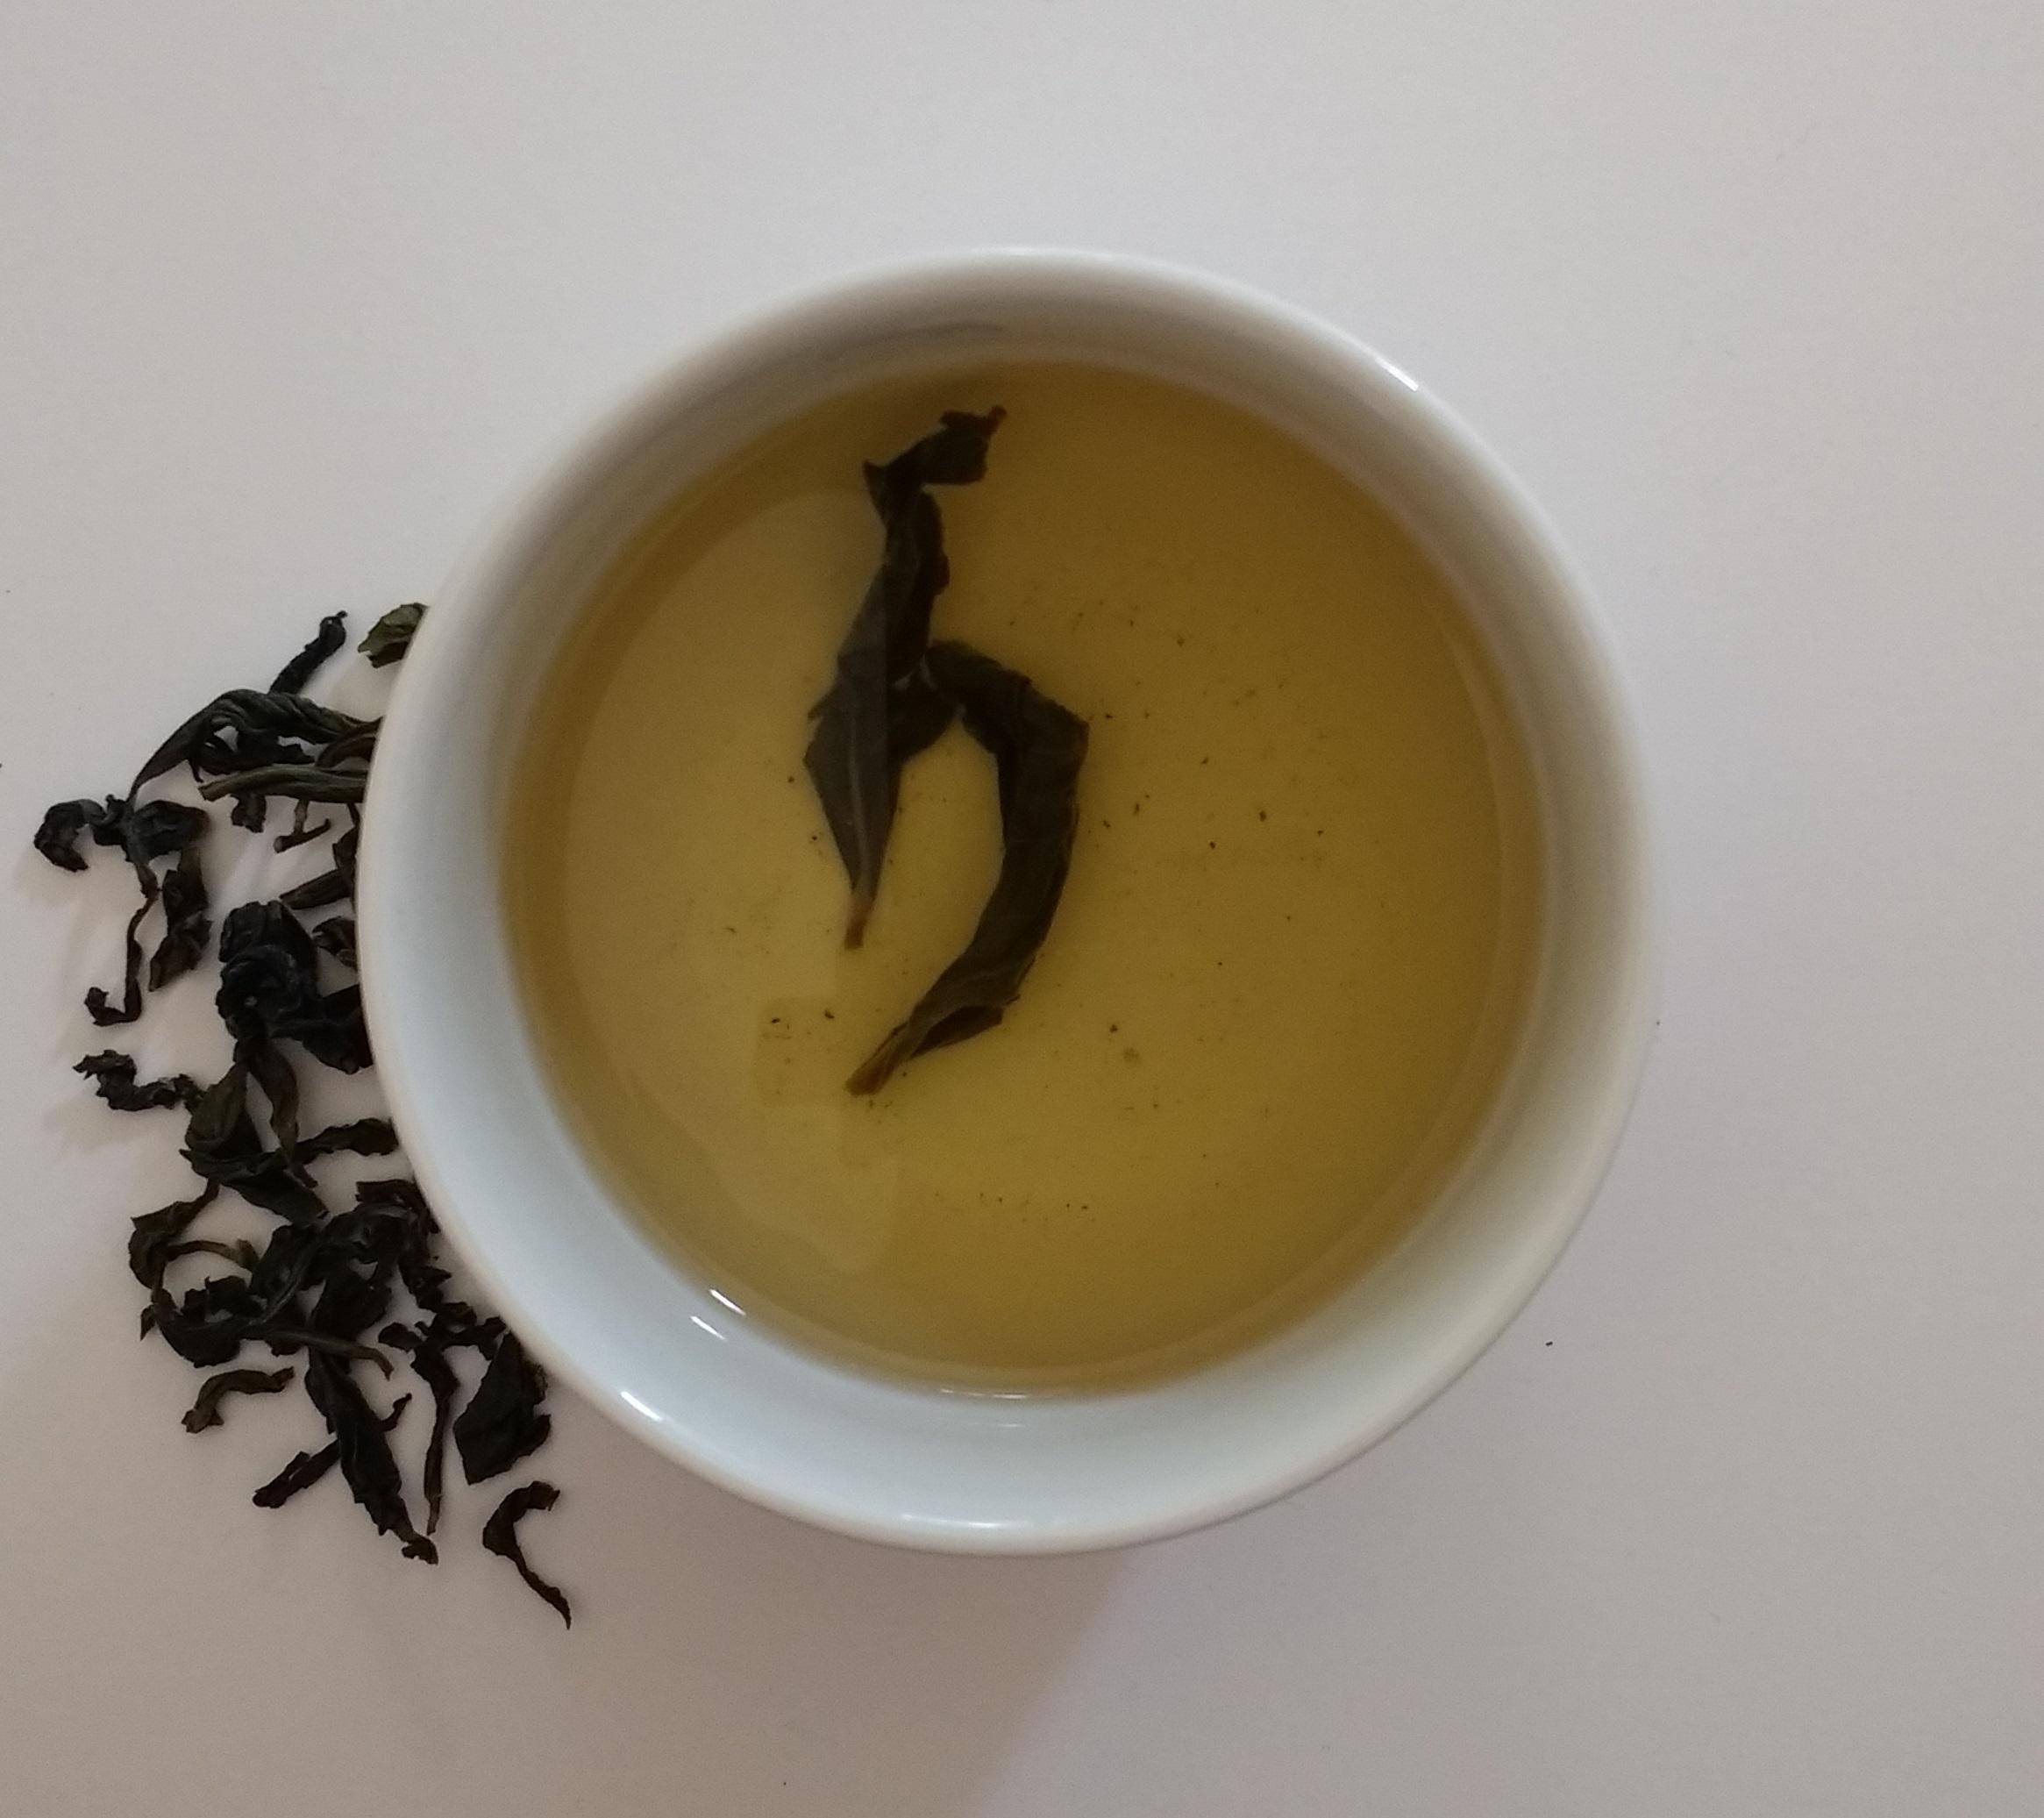 Wenshan Bao Zhong Winter 2016 - Tillerman Tea